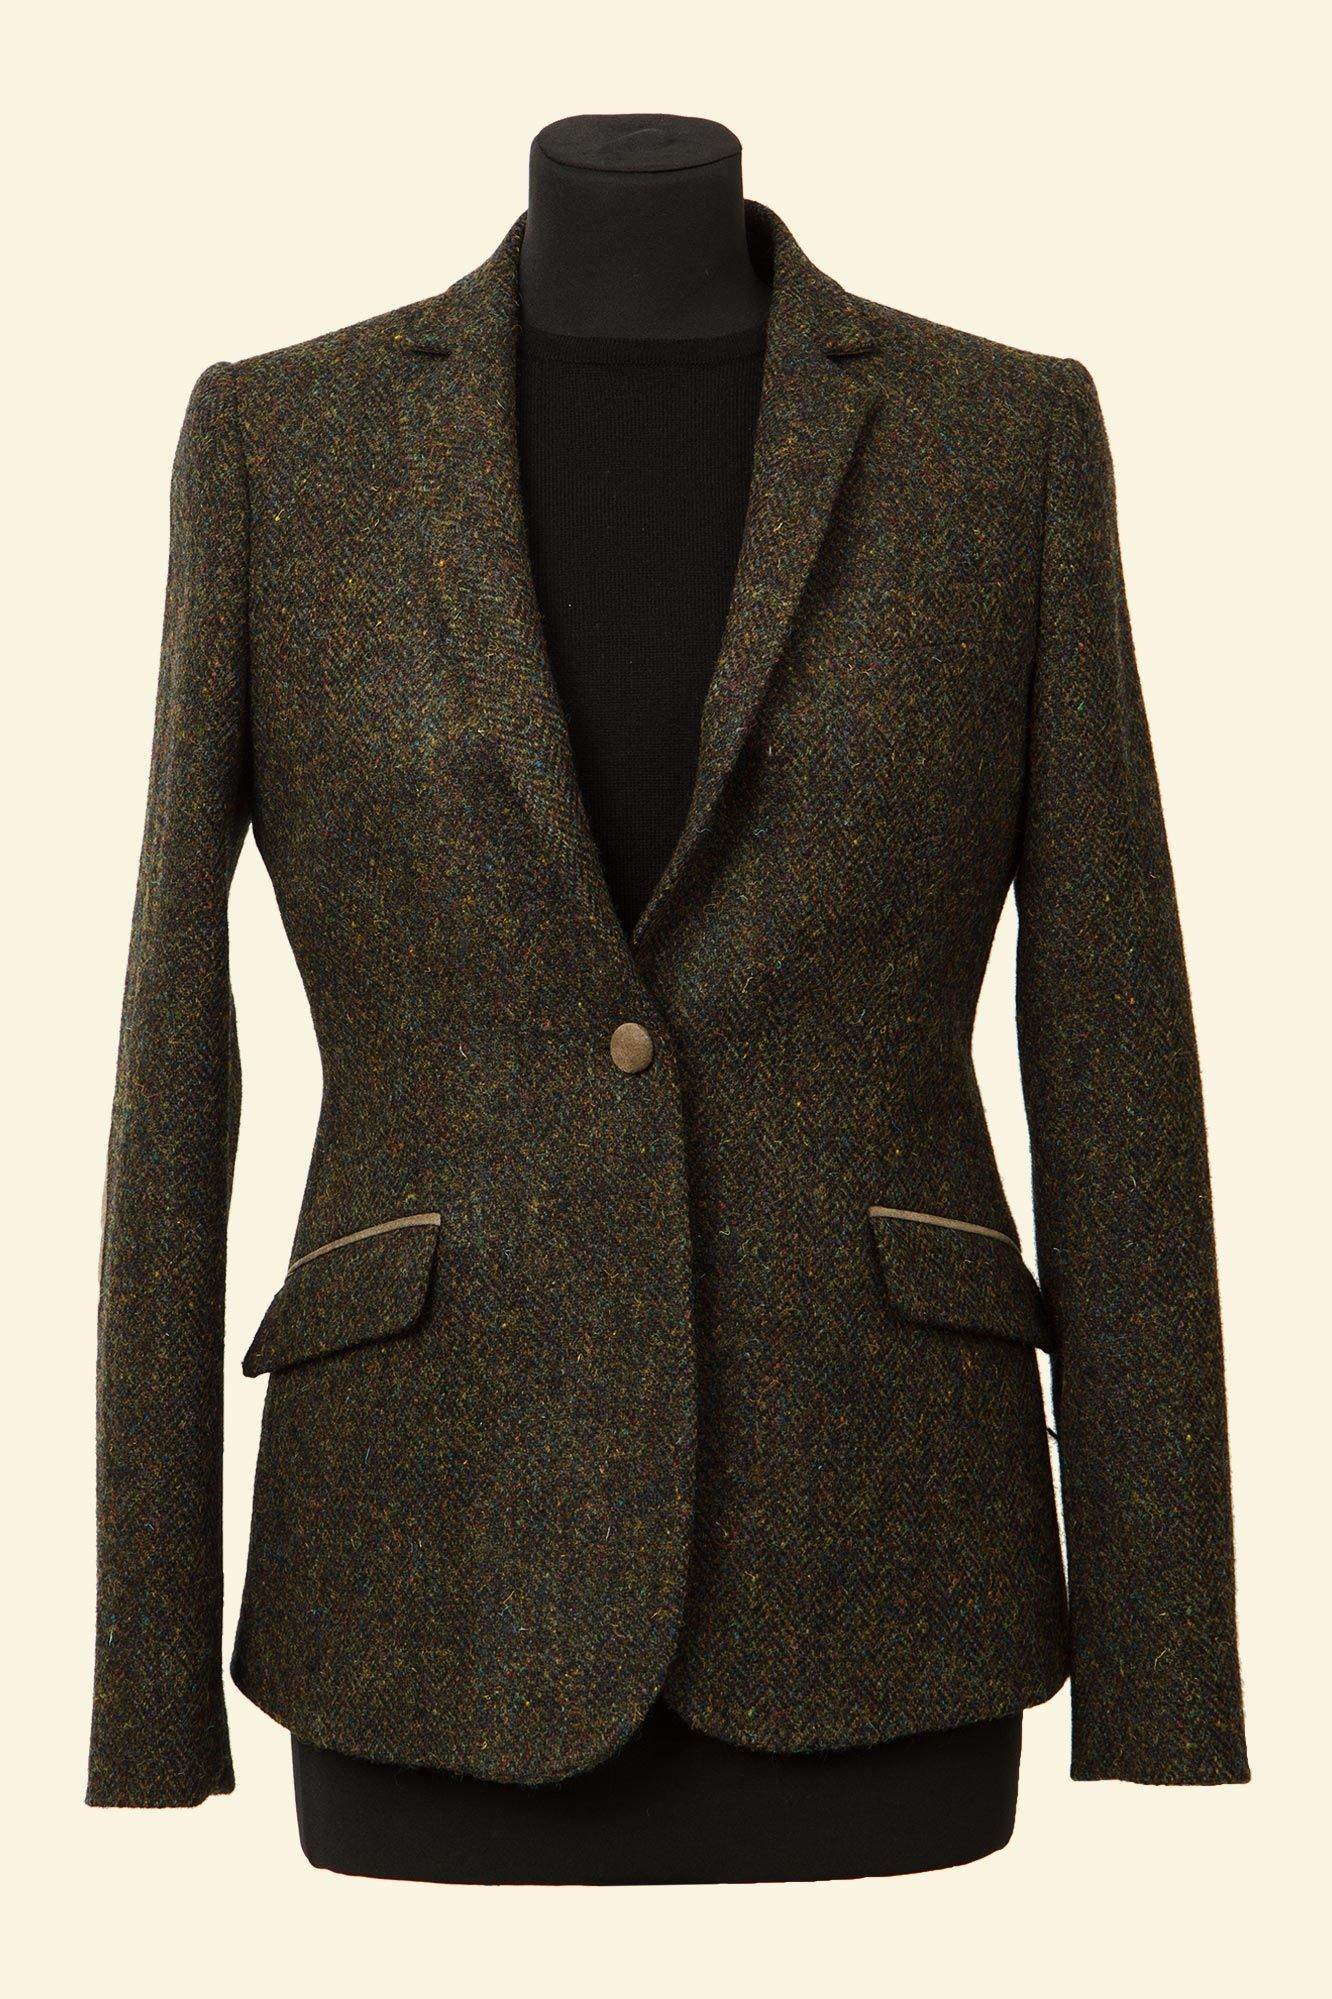 79a04343c Green Herringbone Harris Tweed Iona Jacket - Tweed Jackets ...